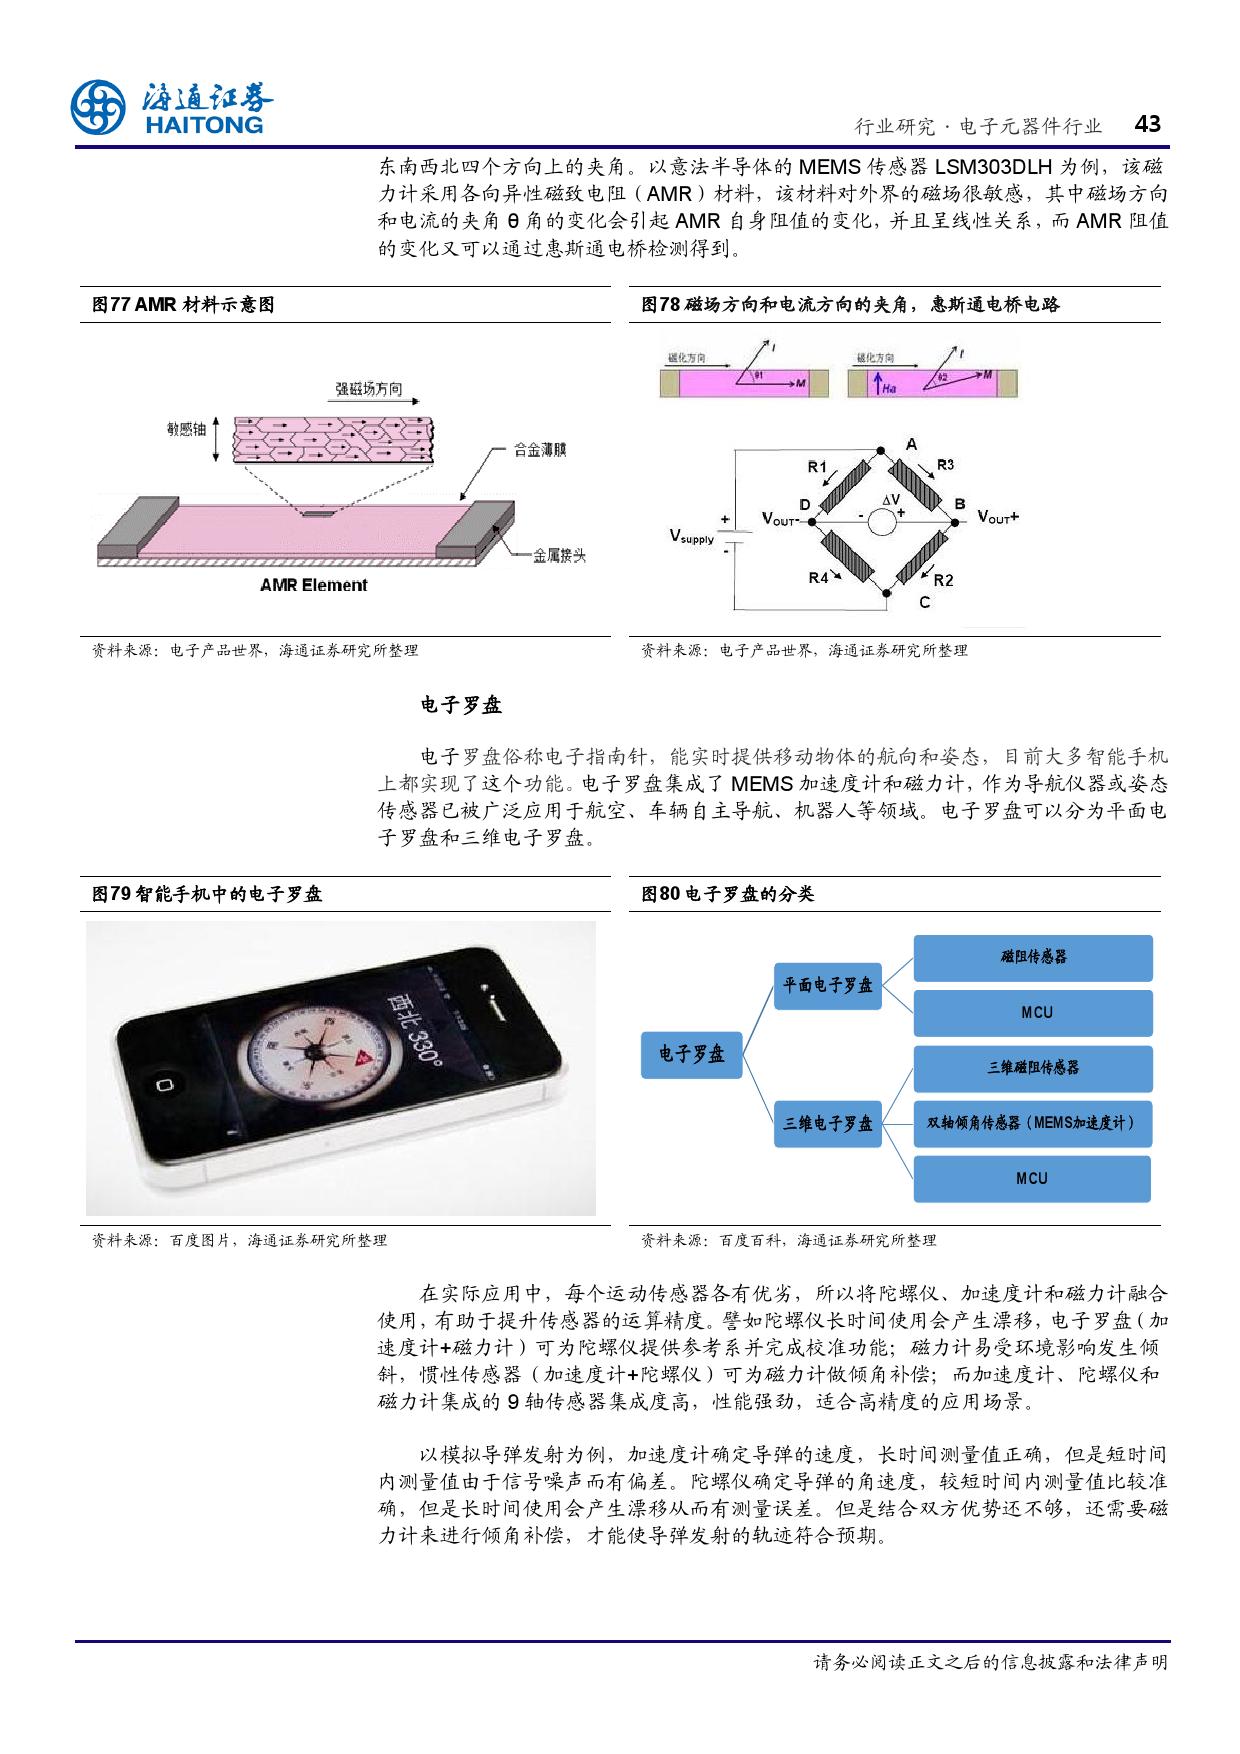 报告全解传感器全球产业链_000043